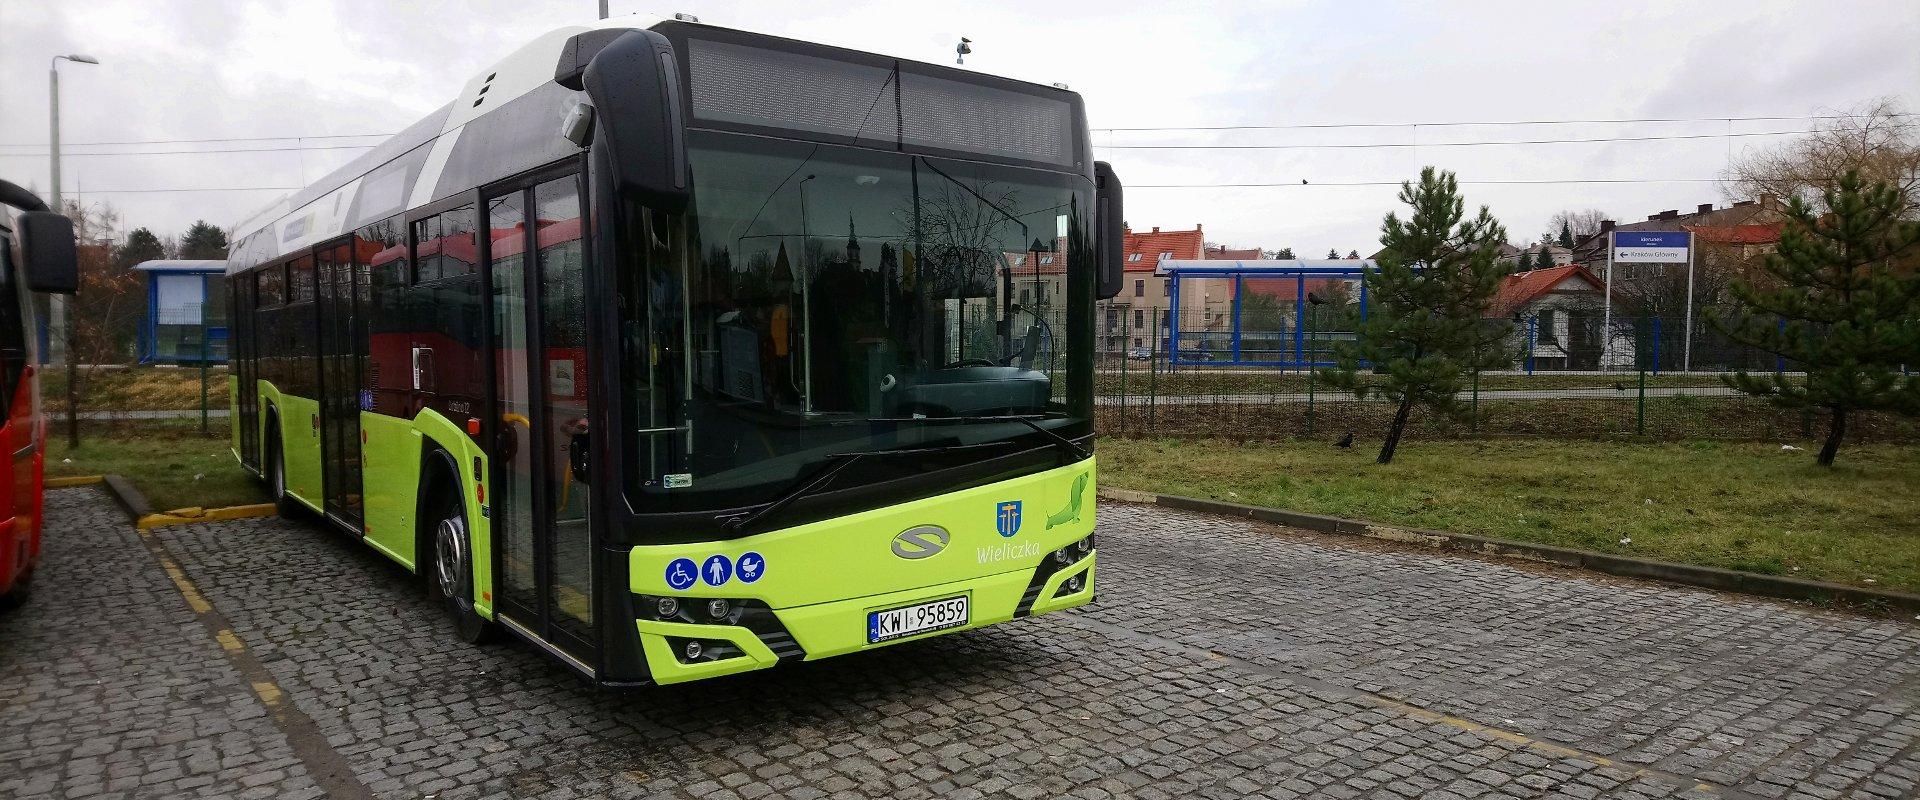 Solaris Urbino 12 - Dworzec PKP Wieliczka Rynek